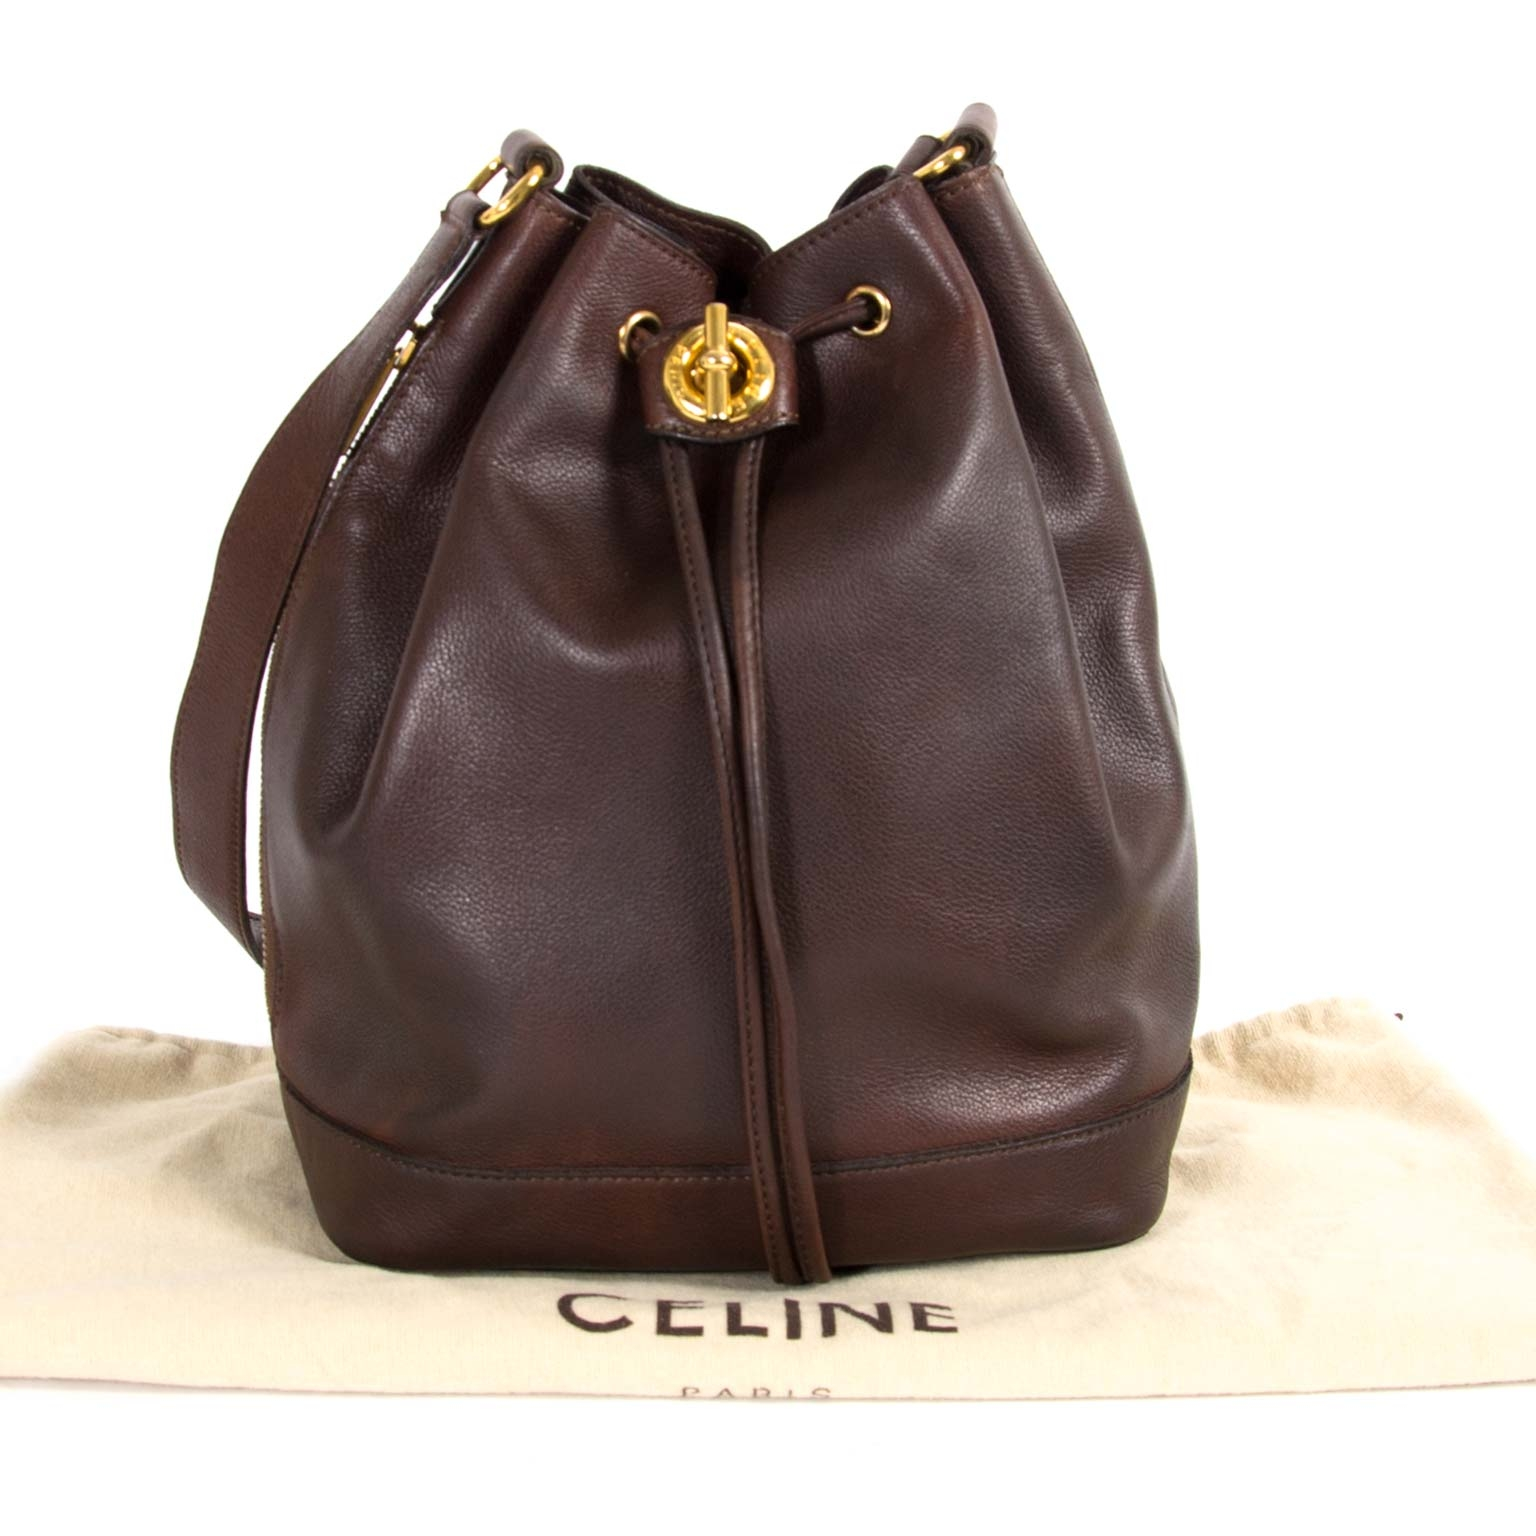 3f1b2b736902 ... Celine Vintage Brown Bucket Bag veilig online aankopen tegen de beste  prijs